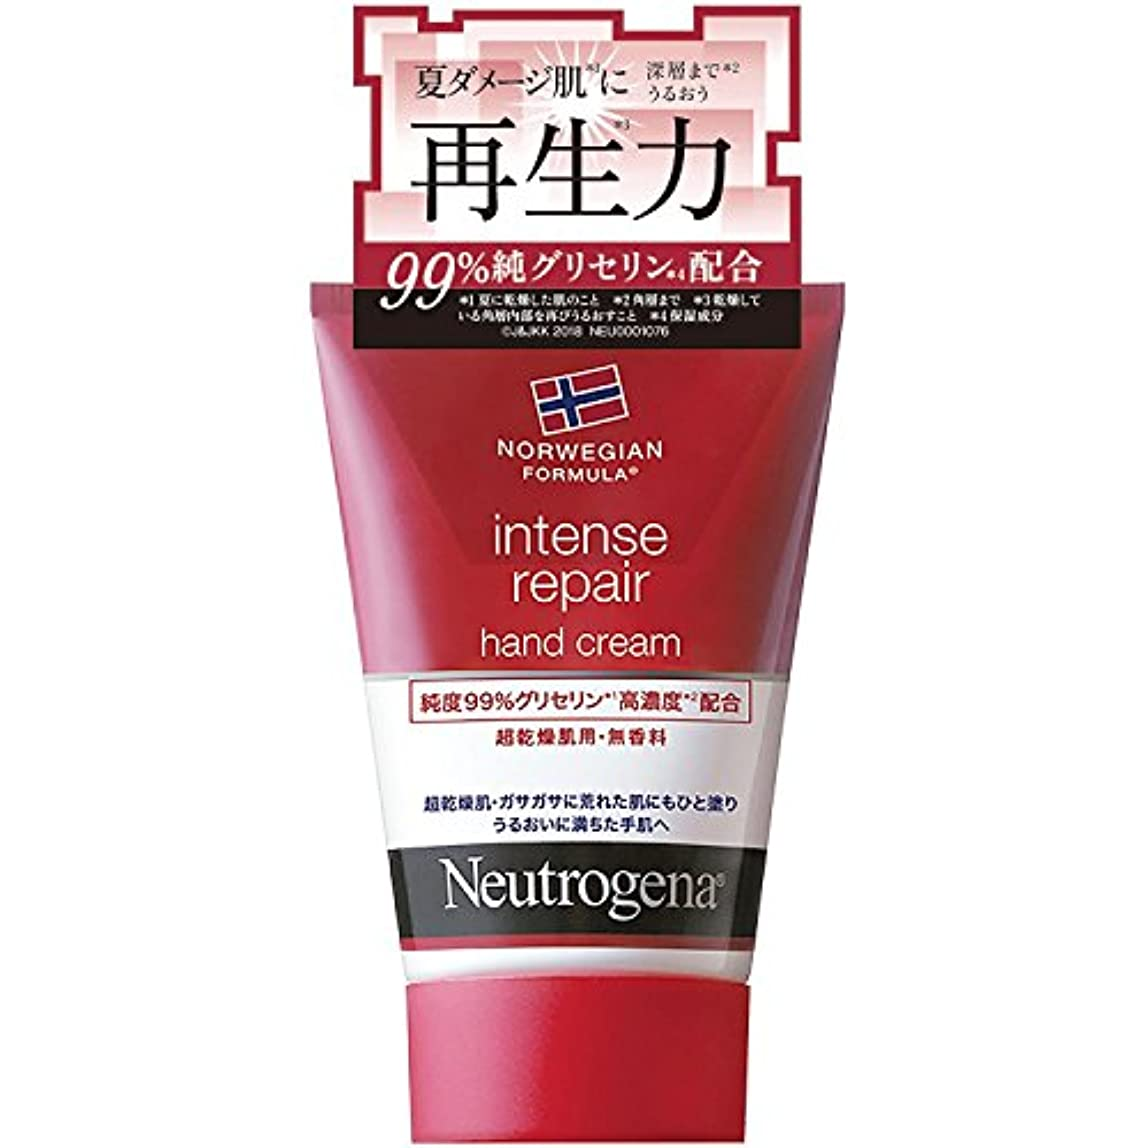 砂のもっとプロポーショナルNeutrogena(ニュートロジーナ) ノルウェーフォーミュラ インテンスリペア ハンドクリーム 超乾燥肌用 無香料 単品 50g